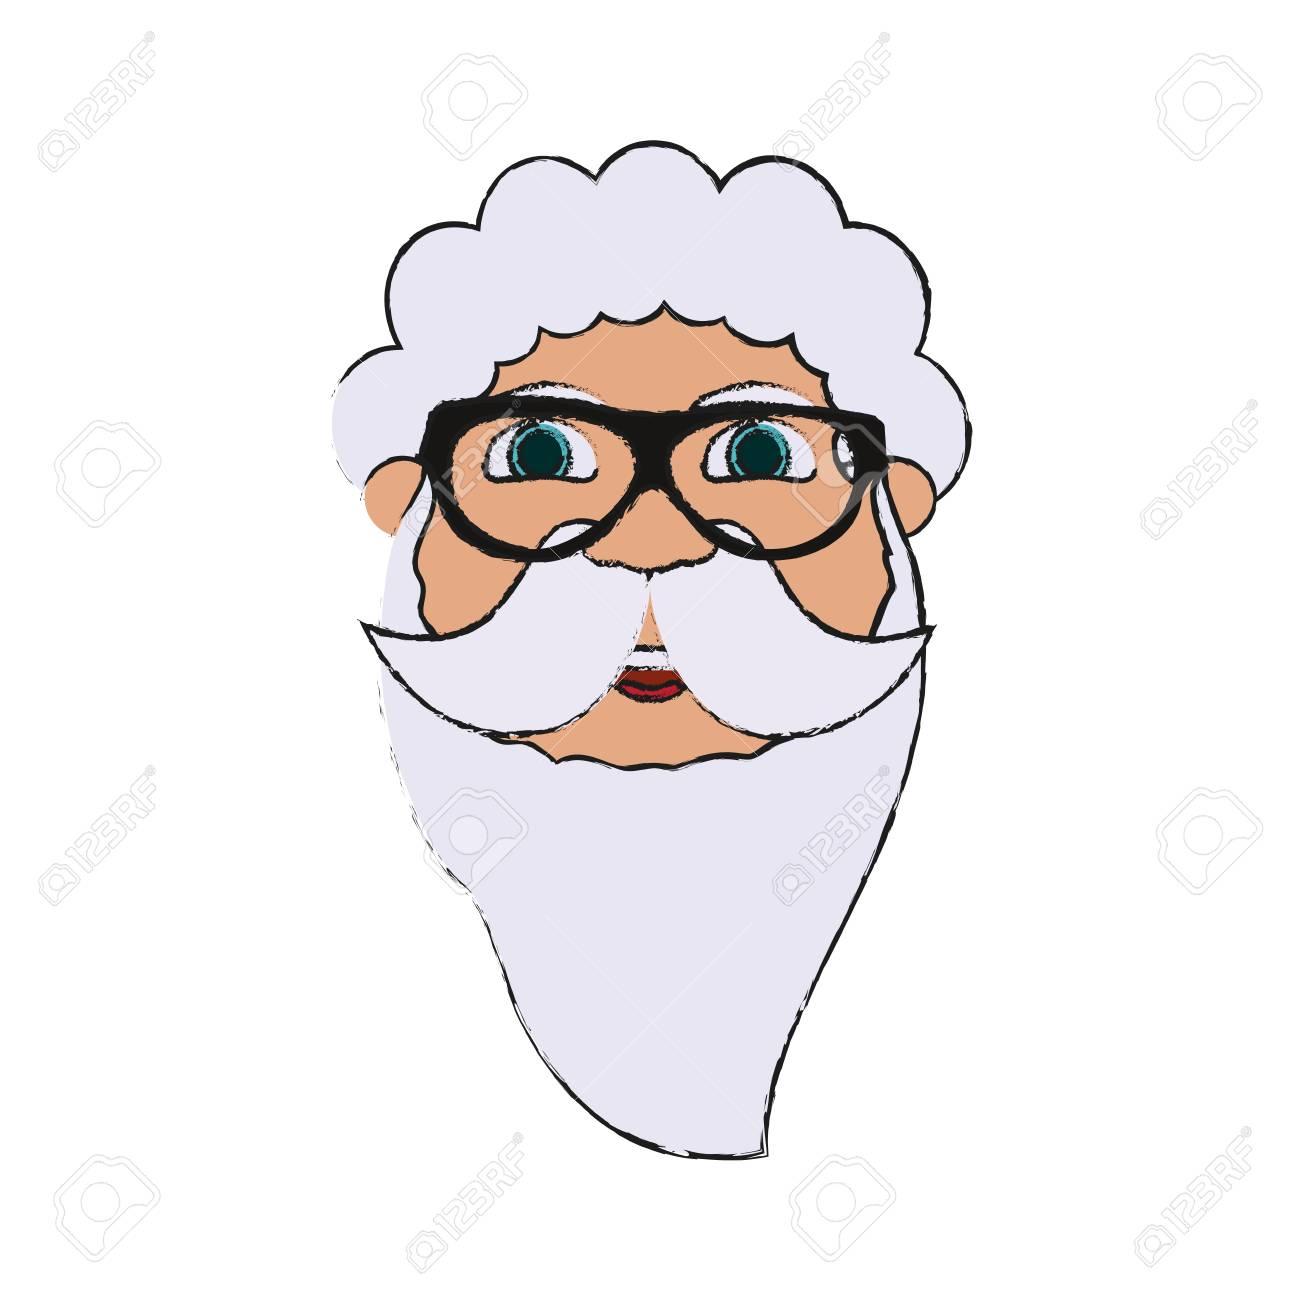 Animados Imagen Claus Del Gafas De Sol Dibujos Llevaba Santa 29eWIYEHD